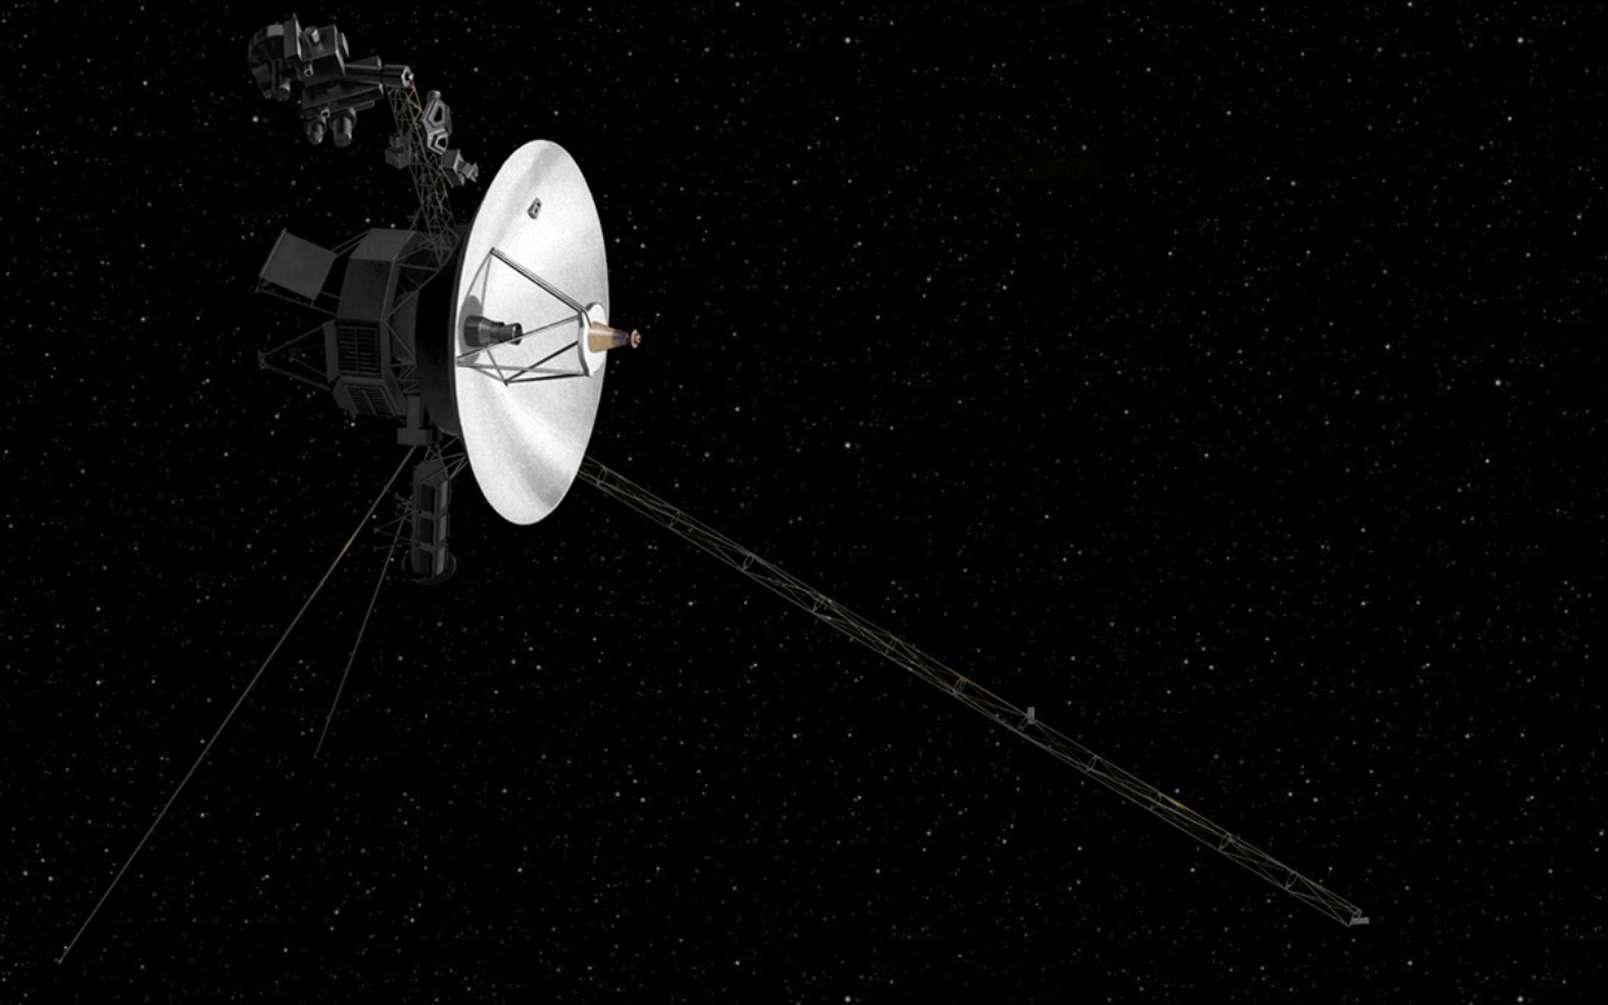 Les données de Voyager 2 cachaient un secret sur Uranus